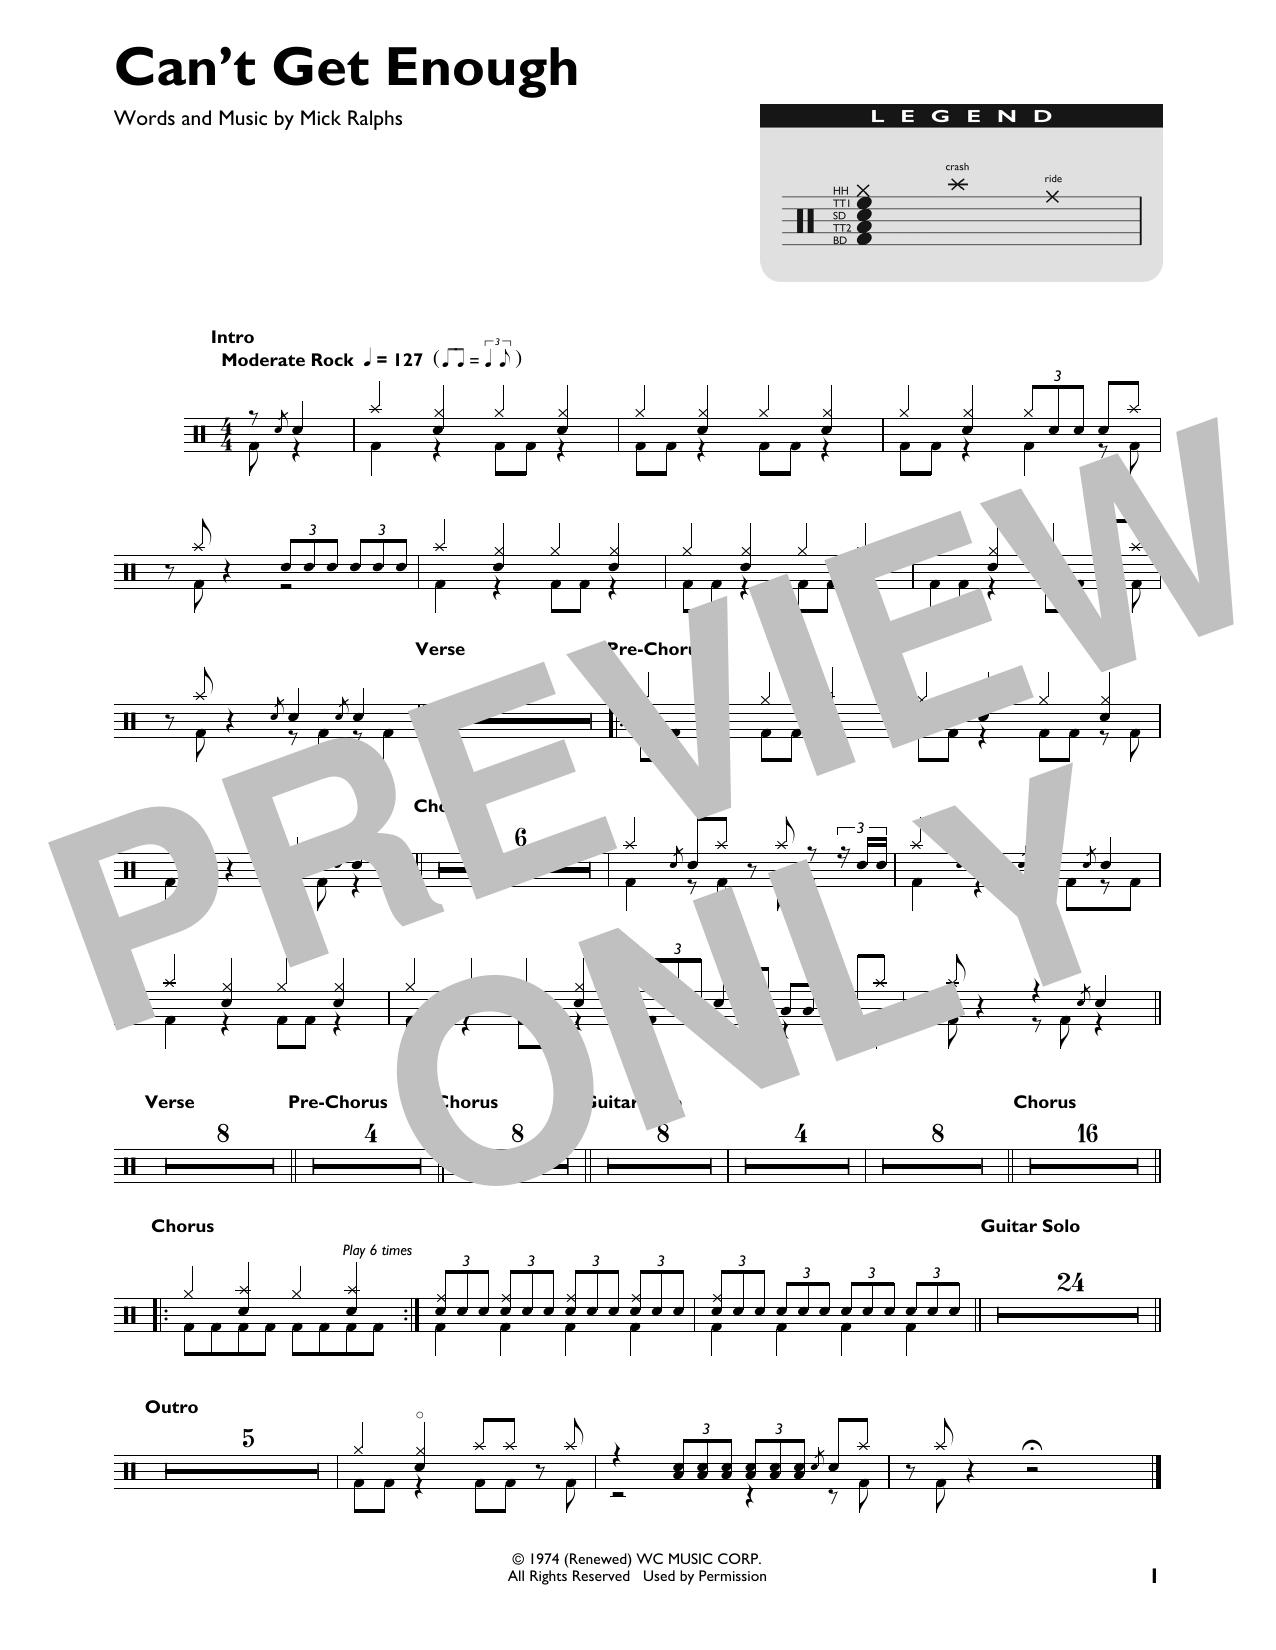 Can't Get Enough (Drums Transcription)